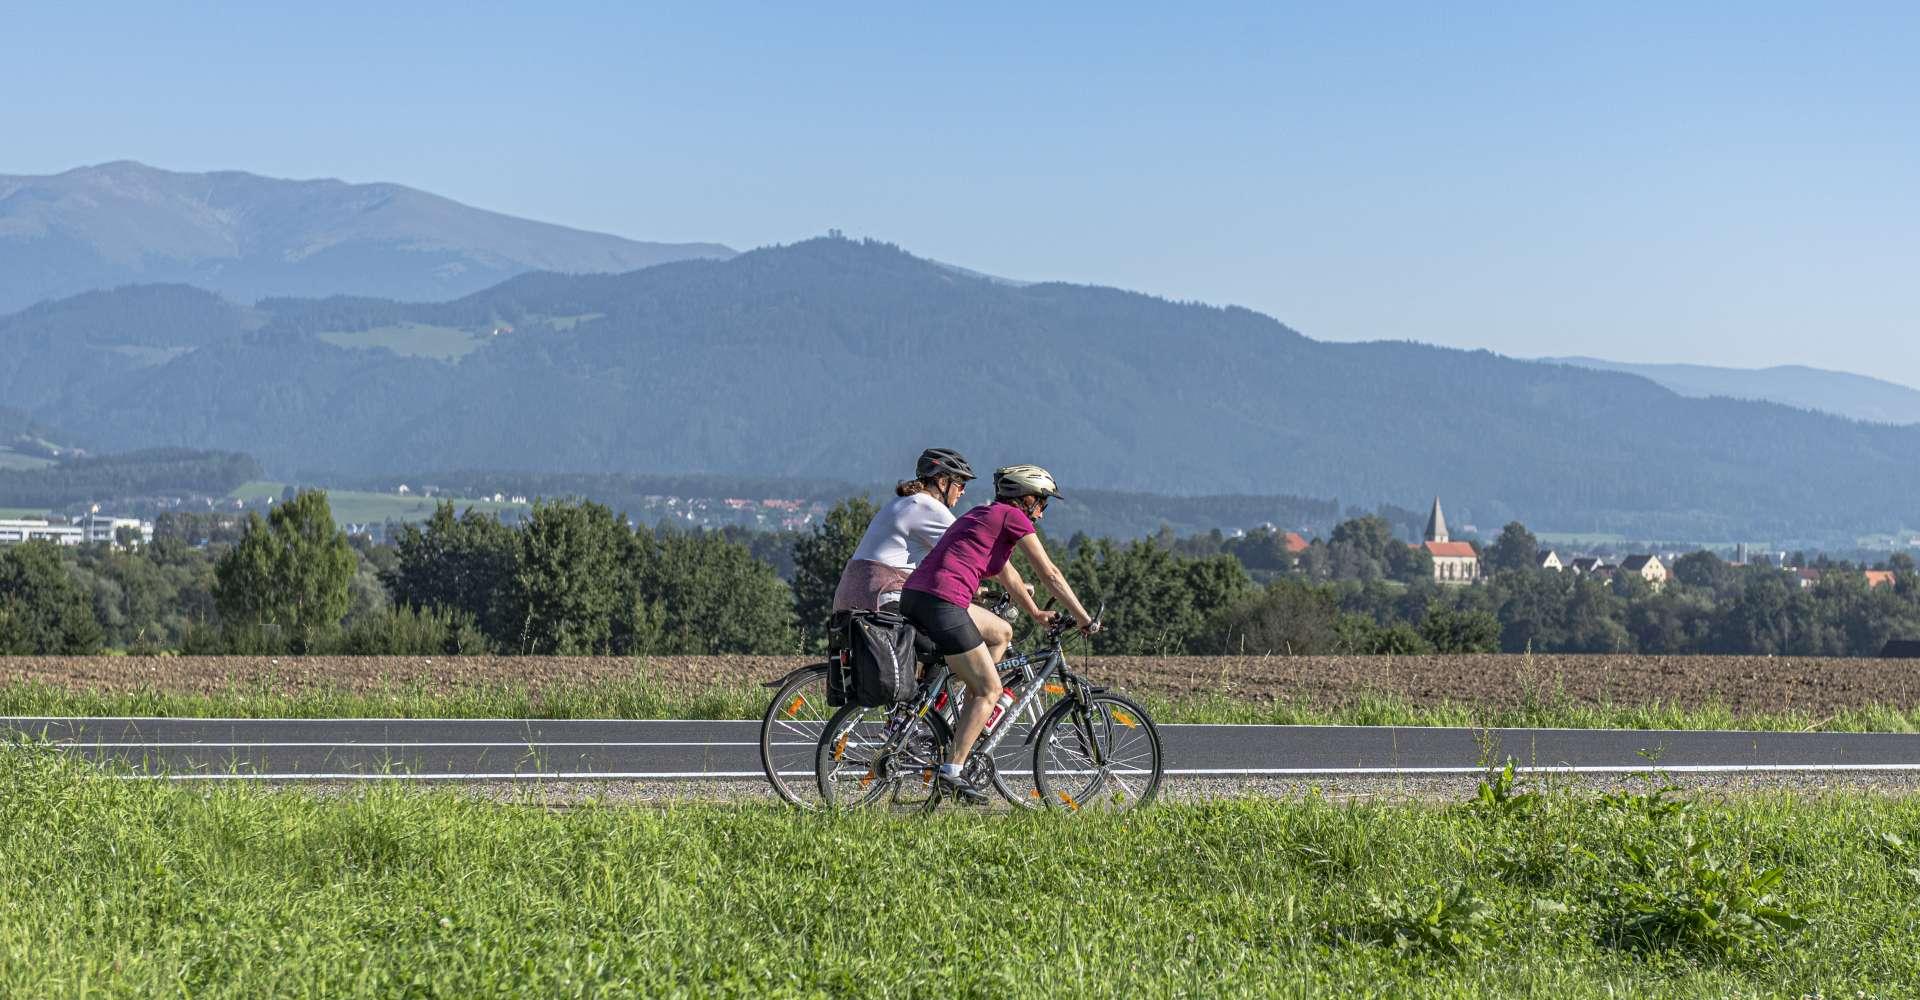 <p>Fotoshooting Murradweg Großlobming, Apfelberg</p> Copyright: